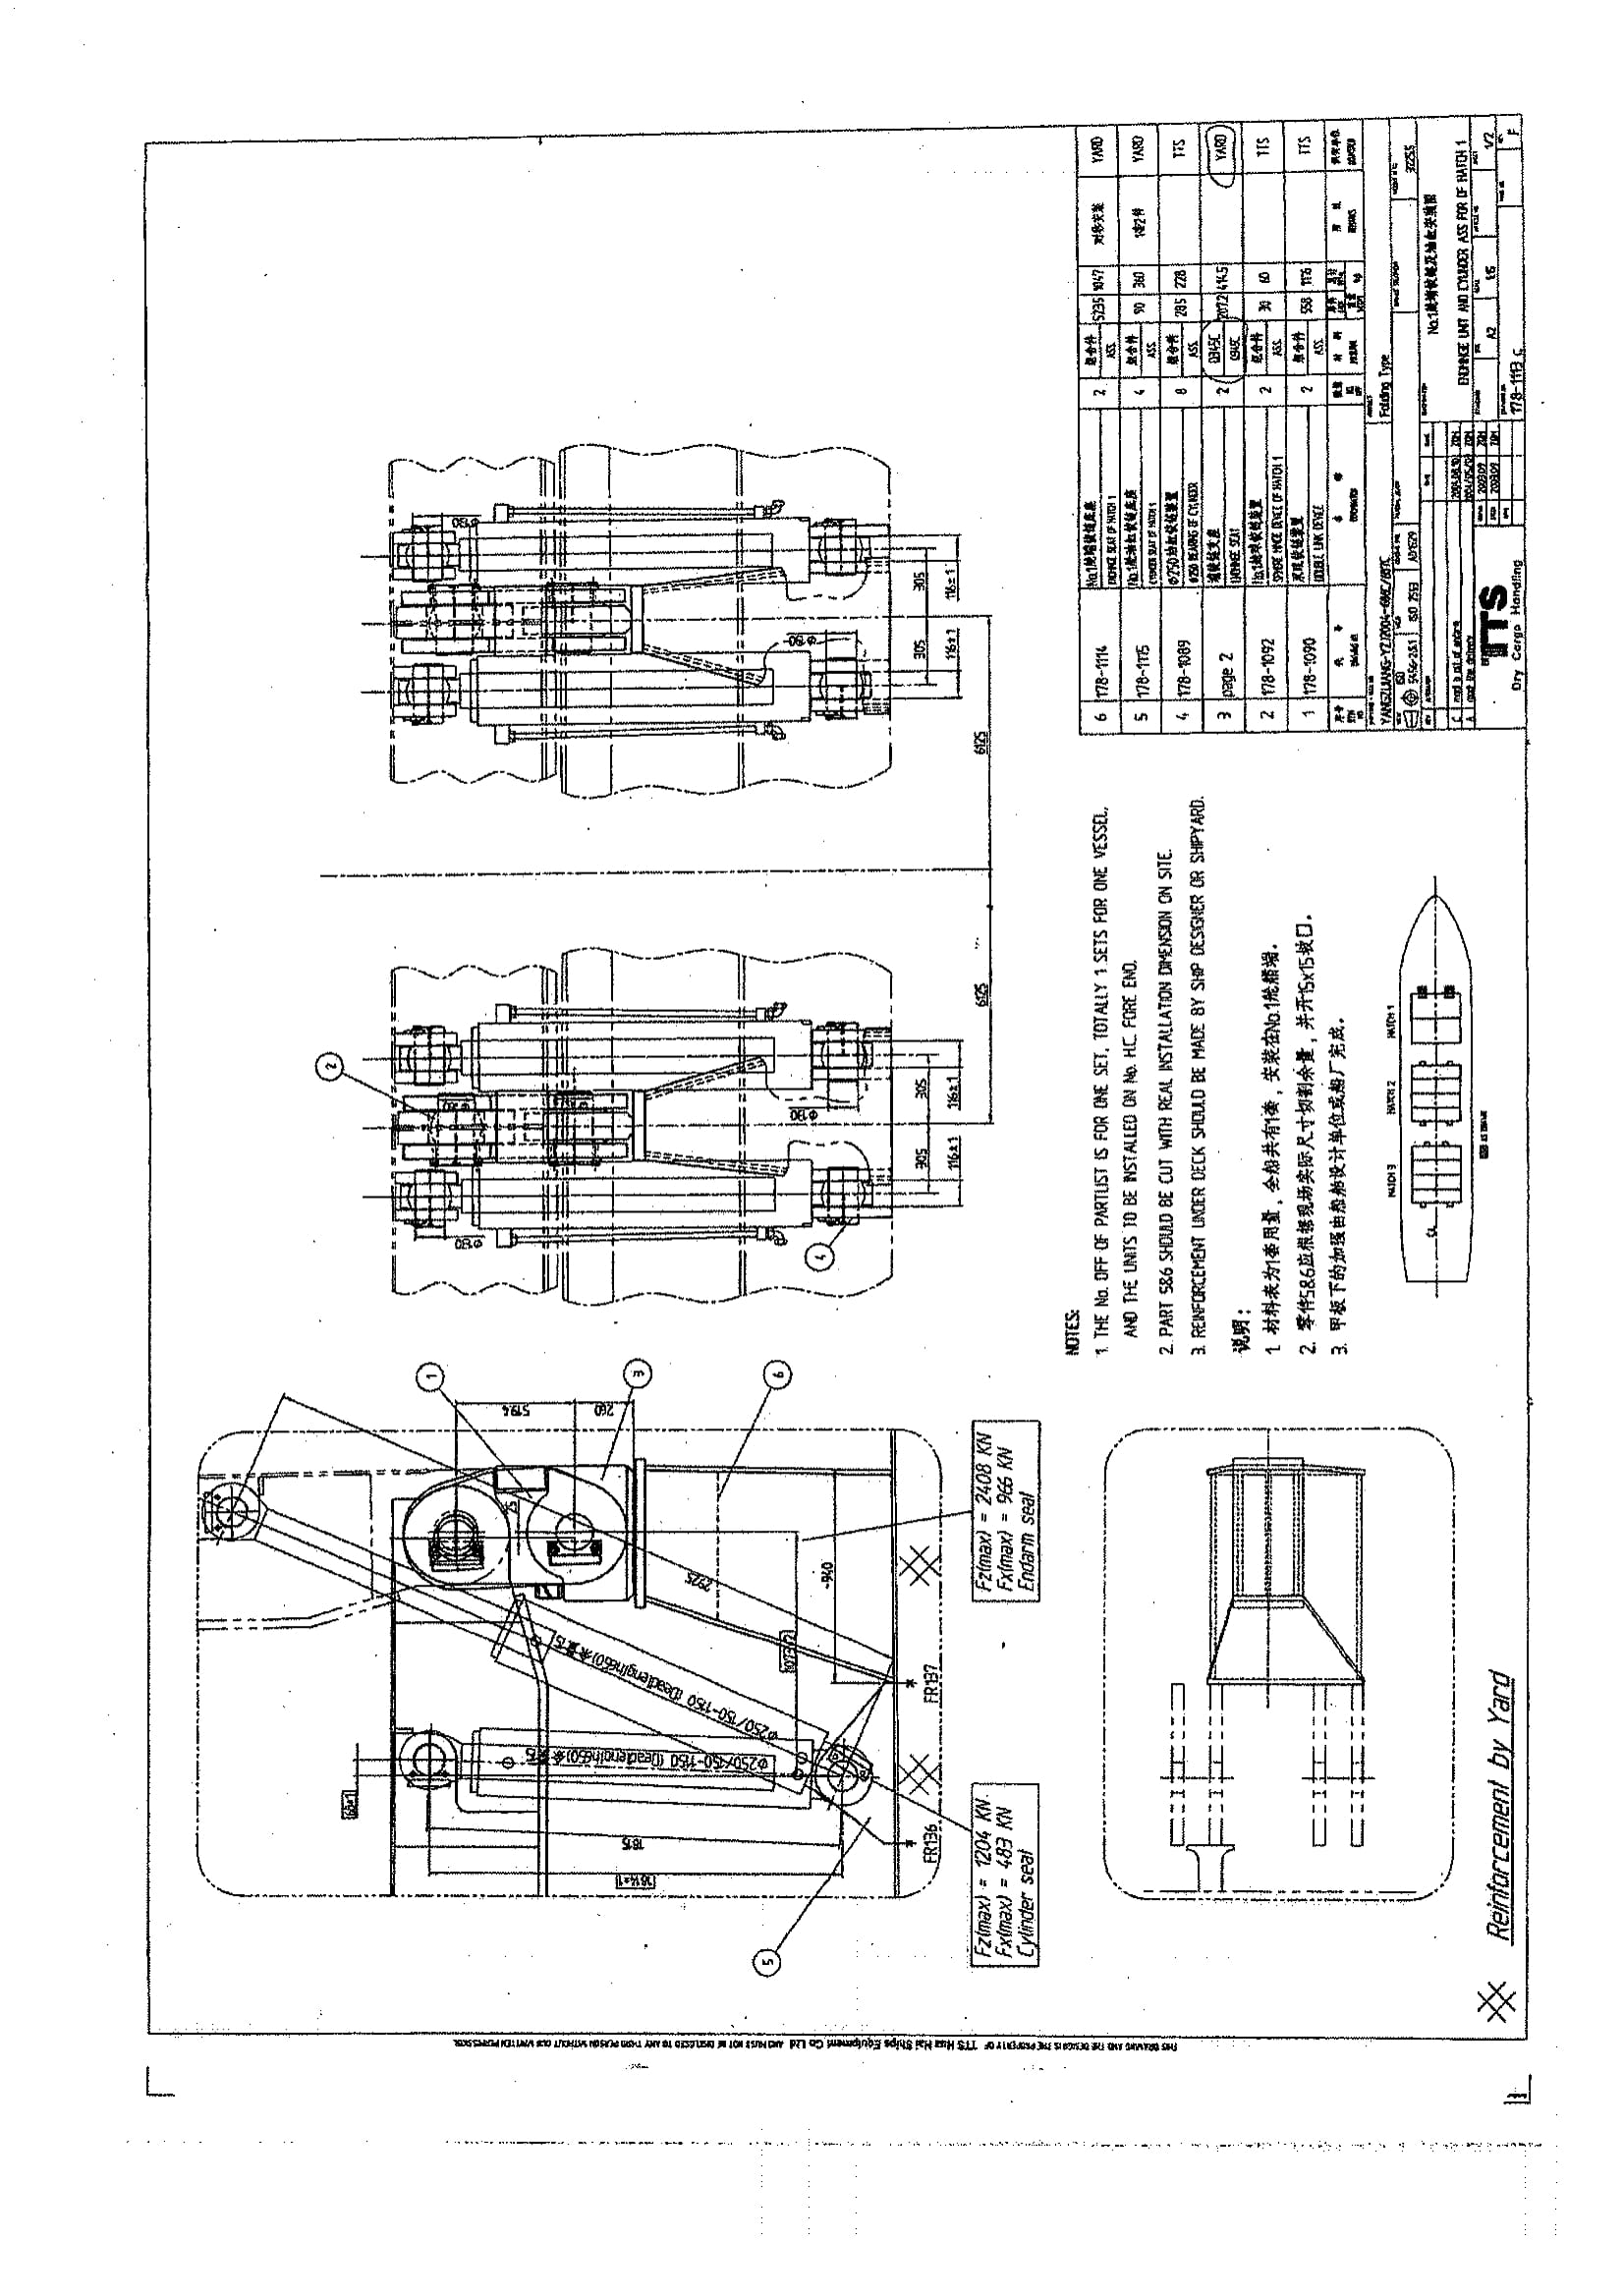 Corso di base sull'oleodinamica navale-33